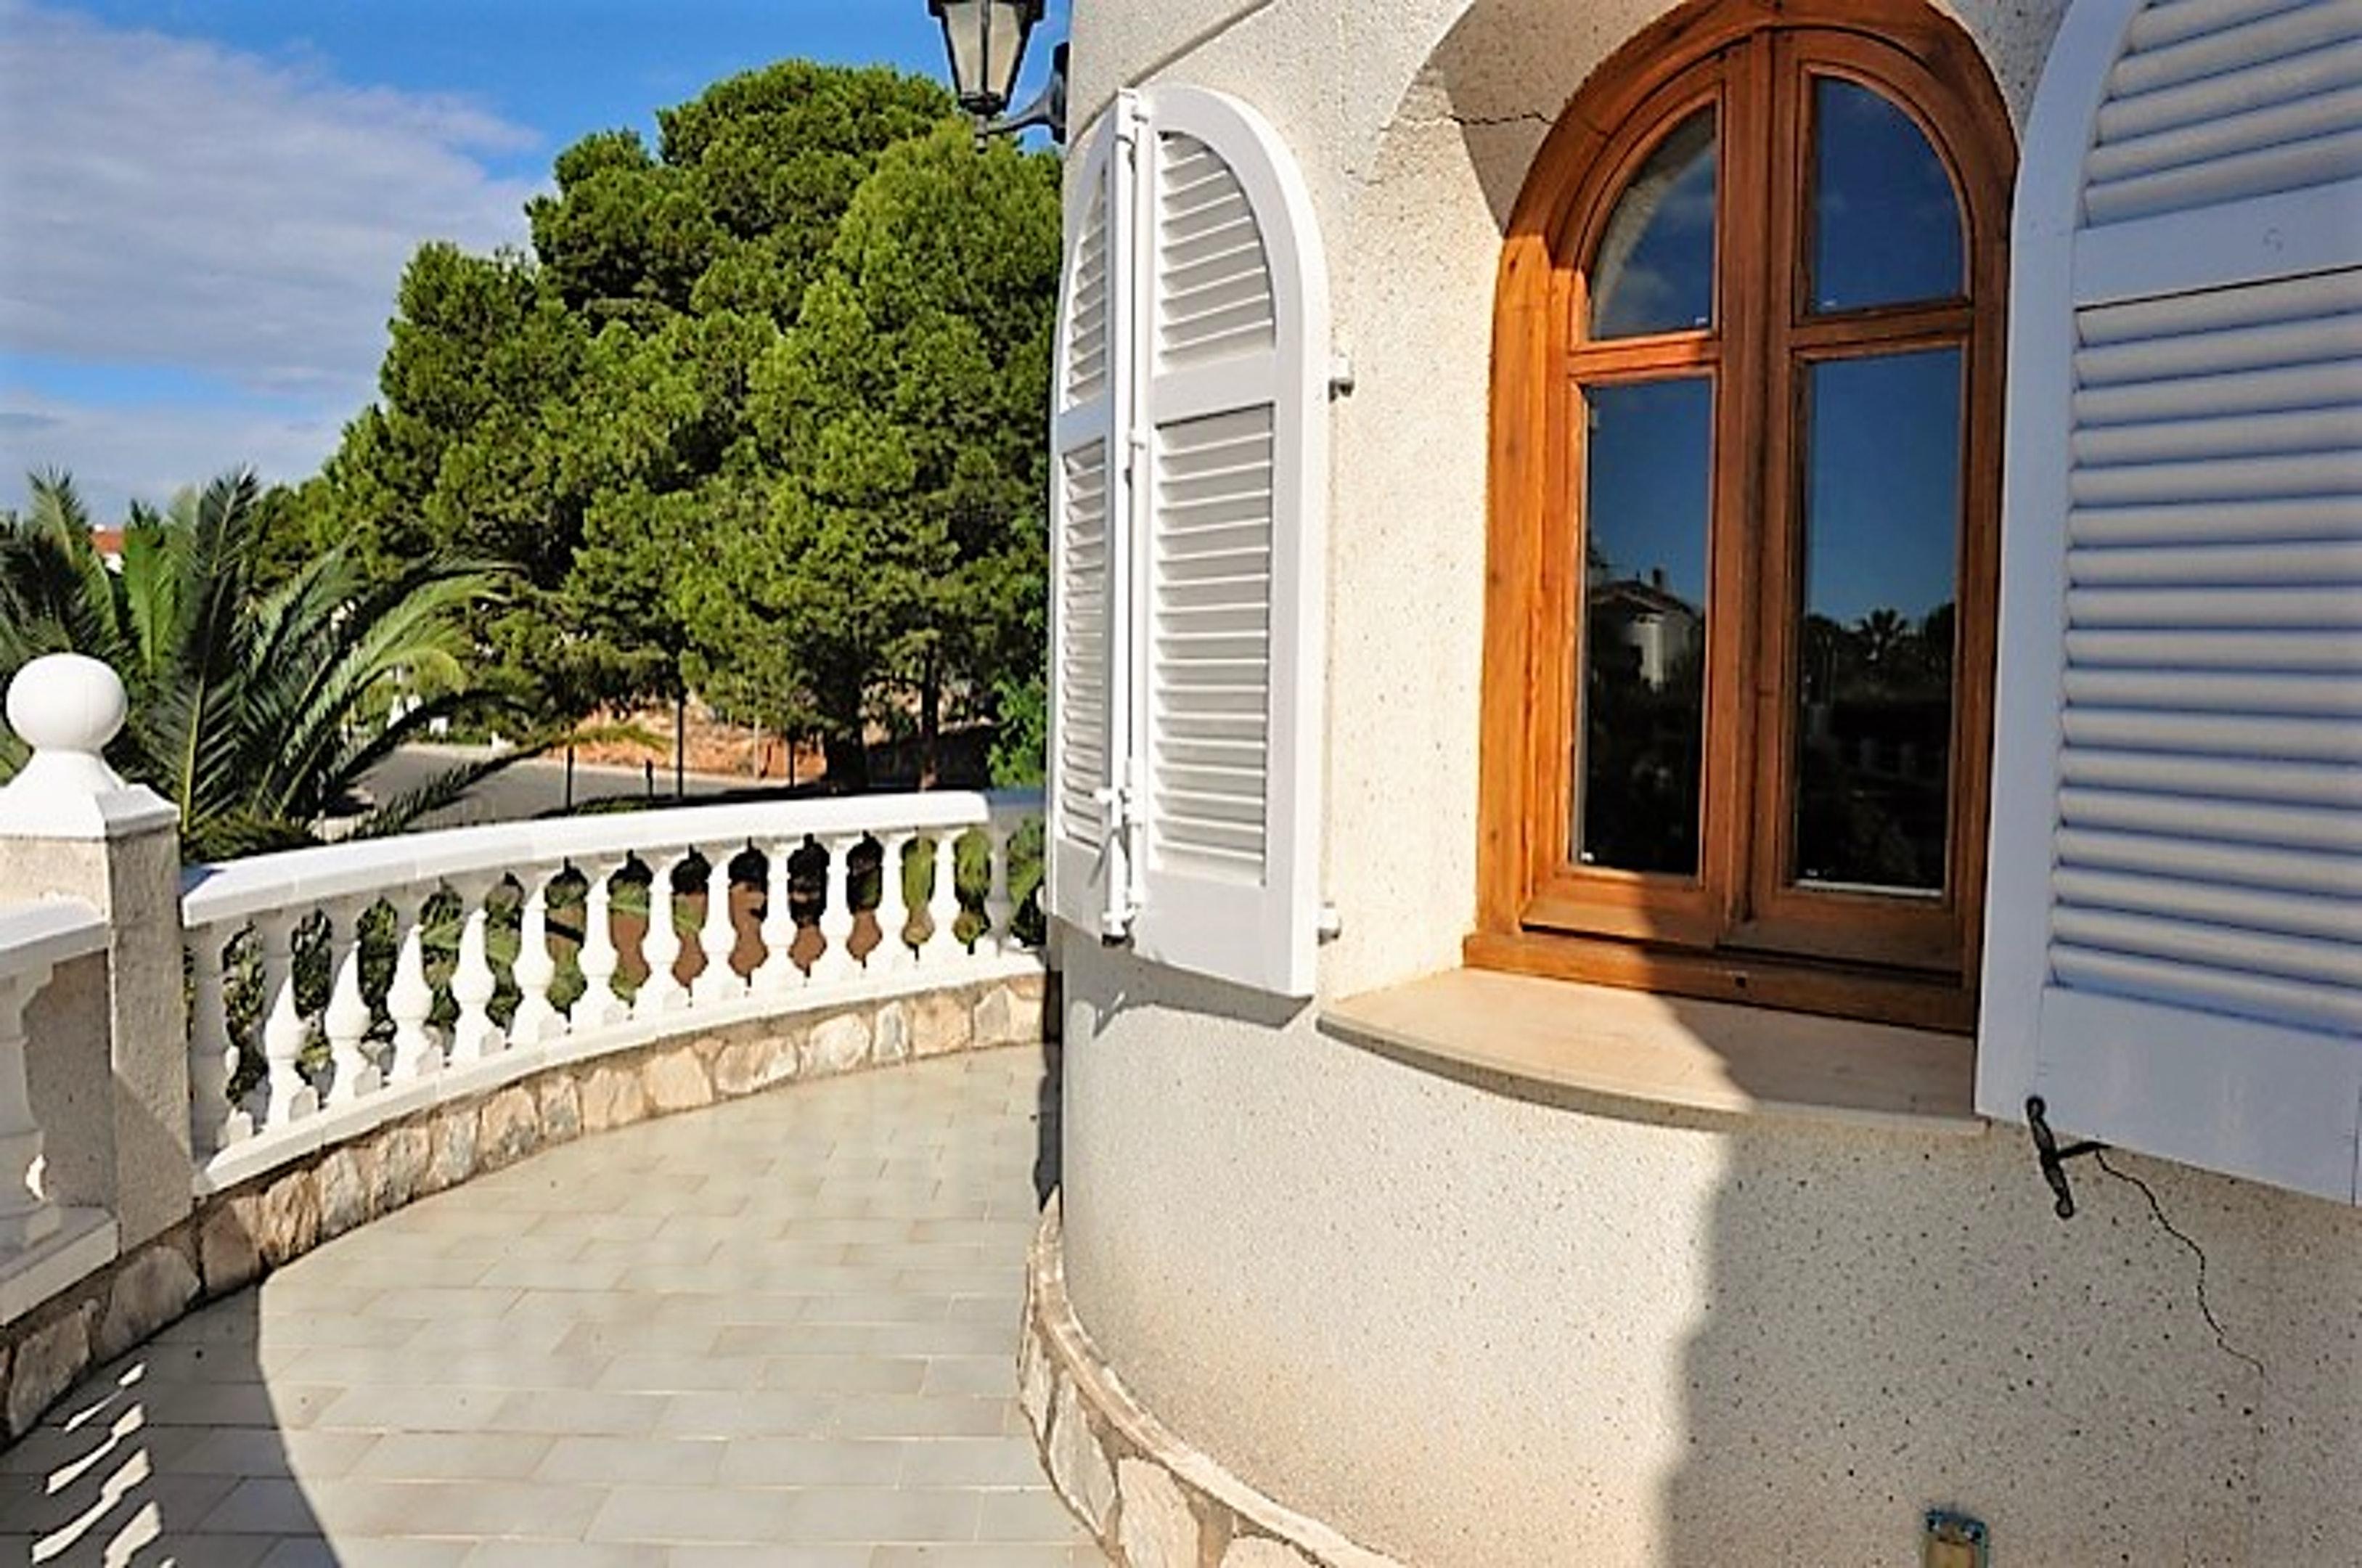 Ferienhaus Villa mit 3 Schlafzimmern in Ampolla mit herrlichem Meerblick, privatem Pool, möbliertem G (2201036), L'Ampolla, Costa Dorada, Katalonien, Spanien, Bild 3